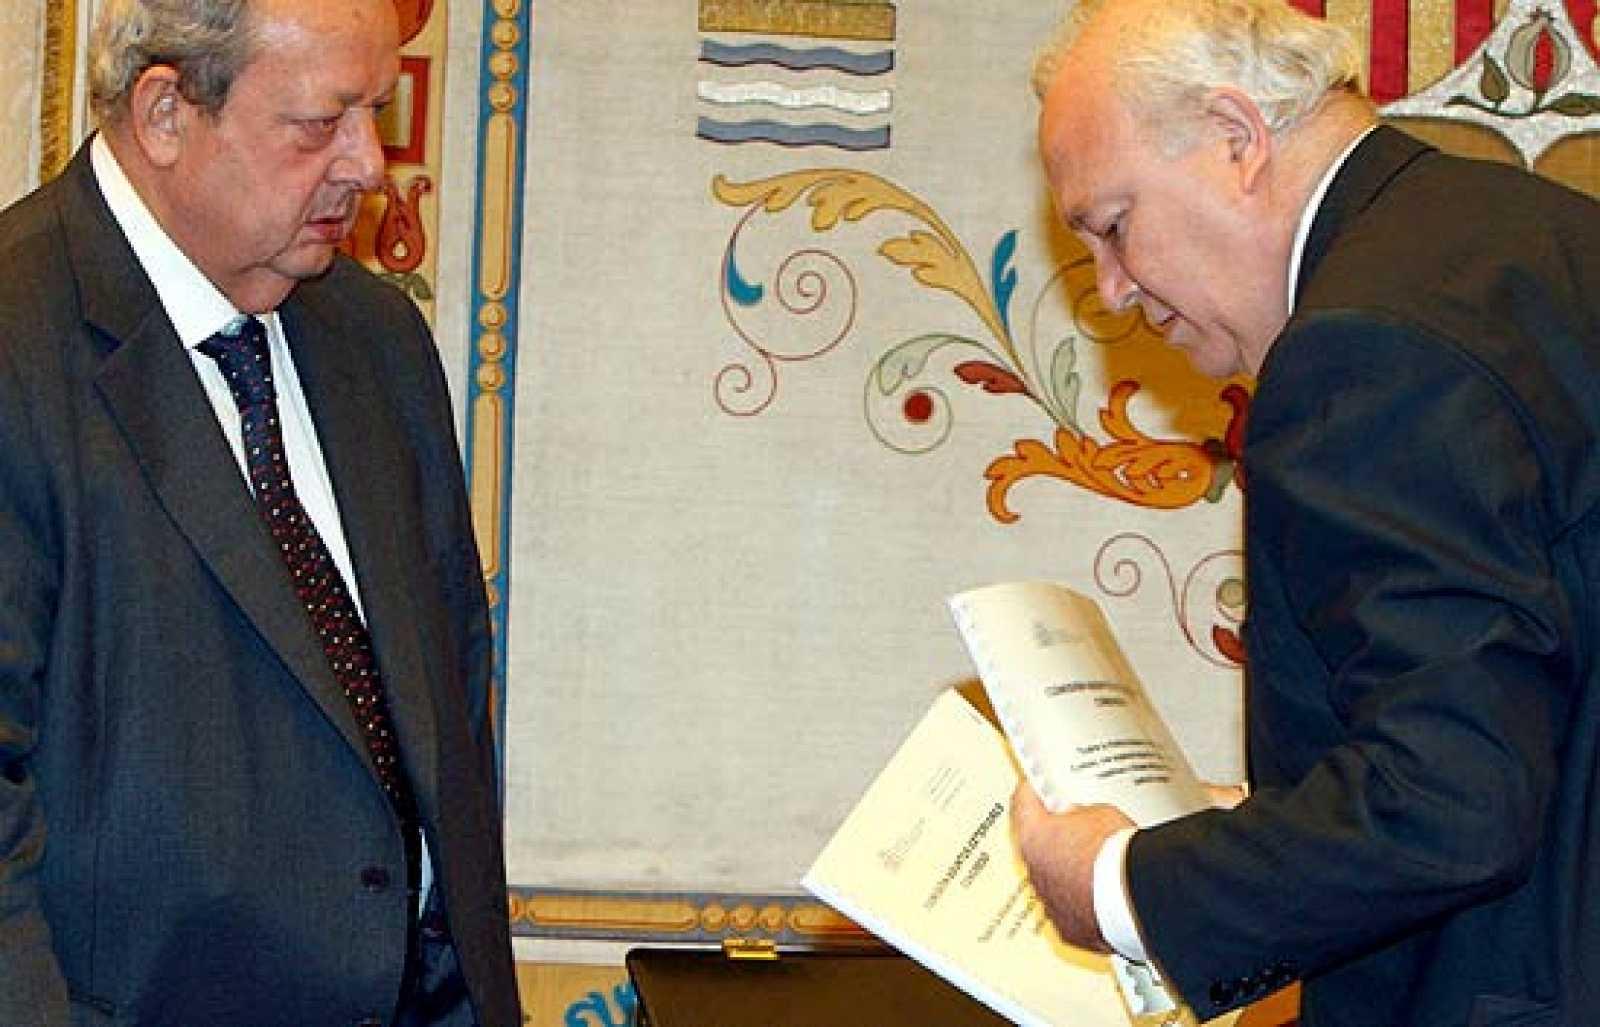 Moratinos ha recibido una llamda de urgencia que le ha obligado a abandona la sesión en el Congreso y que auguraba una salida inminente a la situación de Aminatu Haidar, que lleva en huelga 23 días.